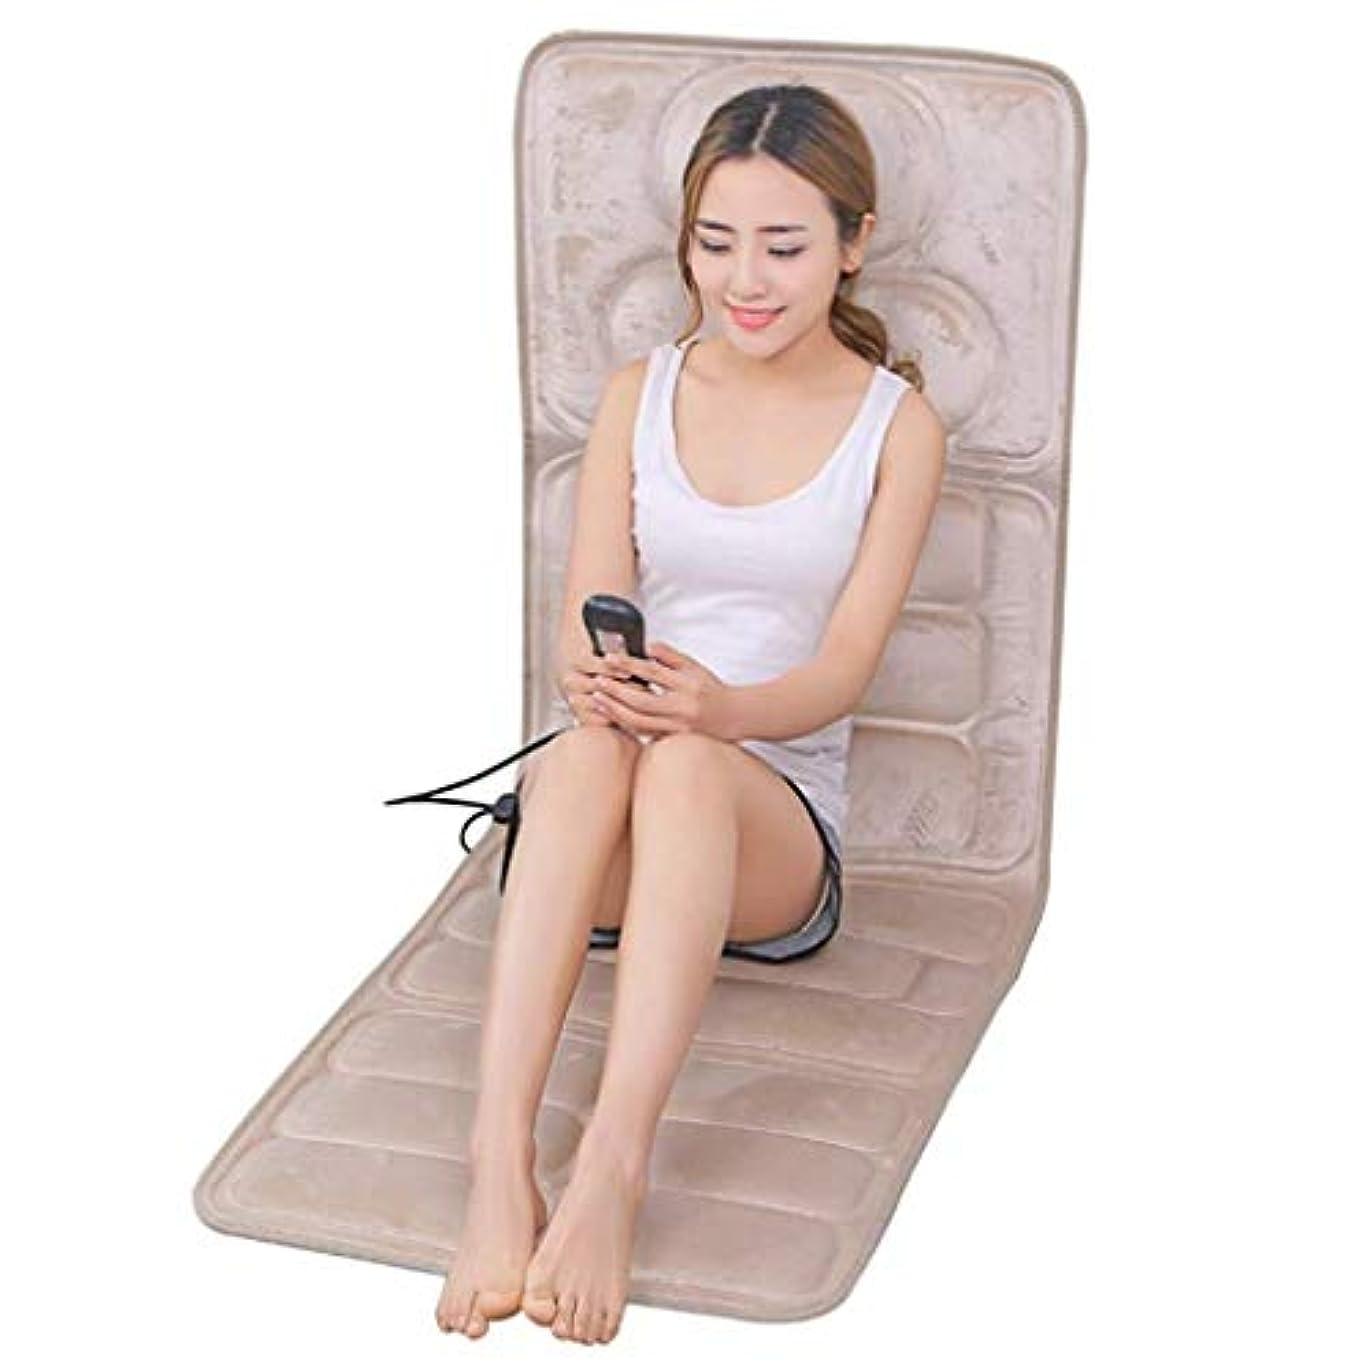 絶壁枕太陽電気マッサージクッション、熱/指圧の深いこねる完全なボディ赤外線マッサージャーのクッション、振動マッサージの完全な背部は、苦痛/圧力を取り除きます